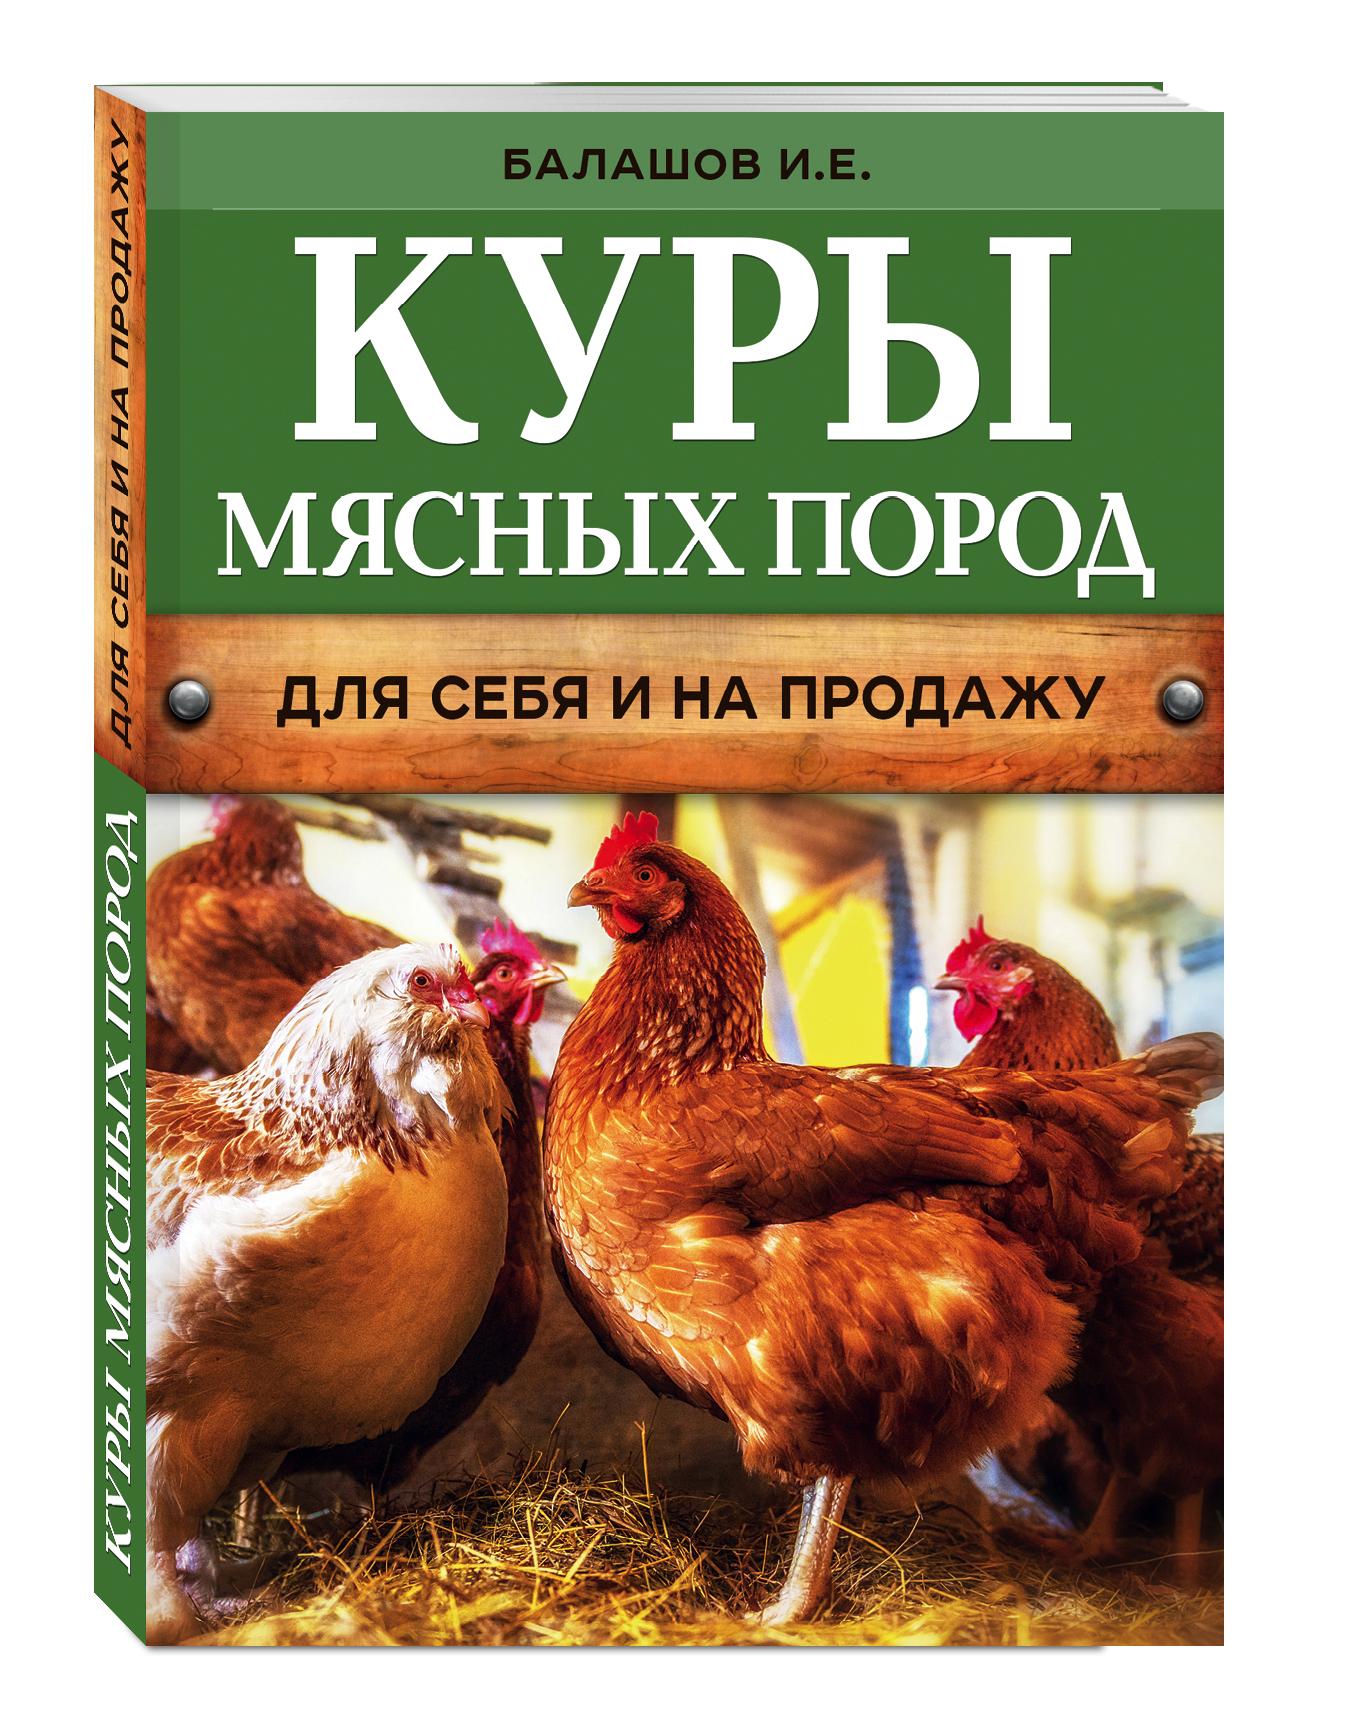 Куры мясных пород (нов.оф.) ( Балашов И.Е.  )